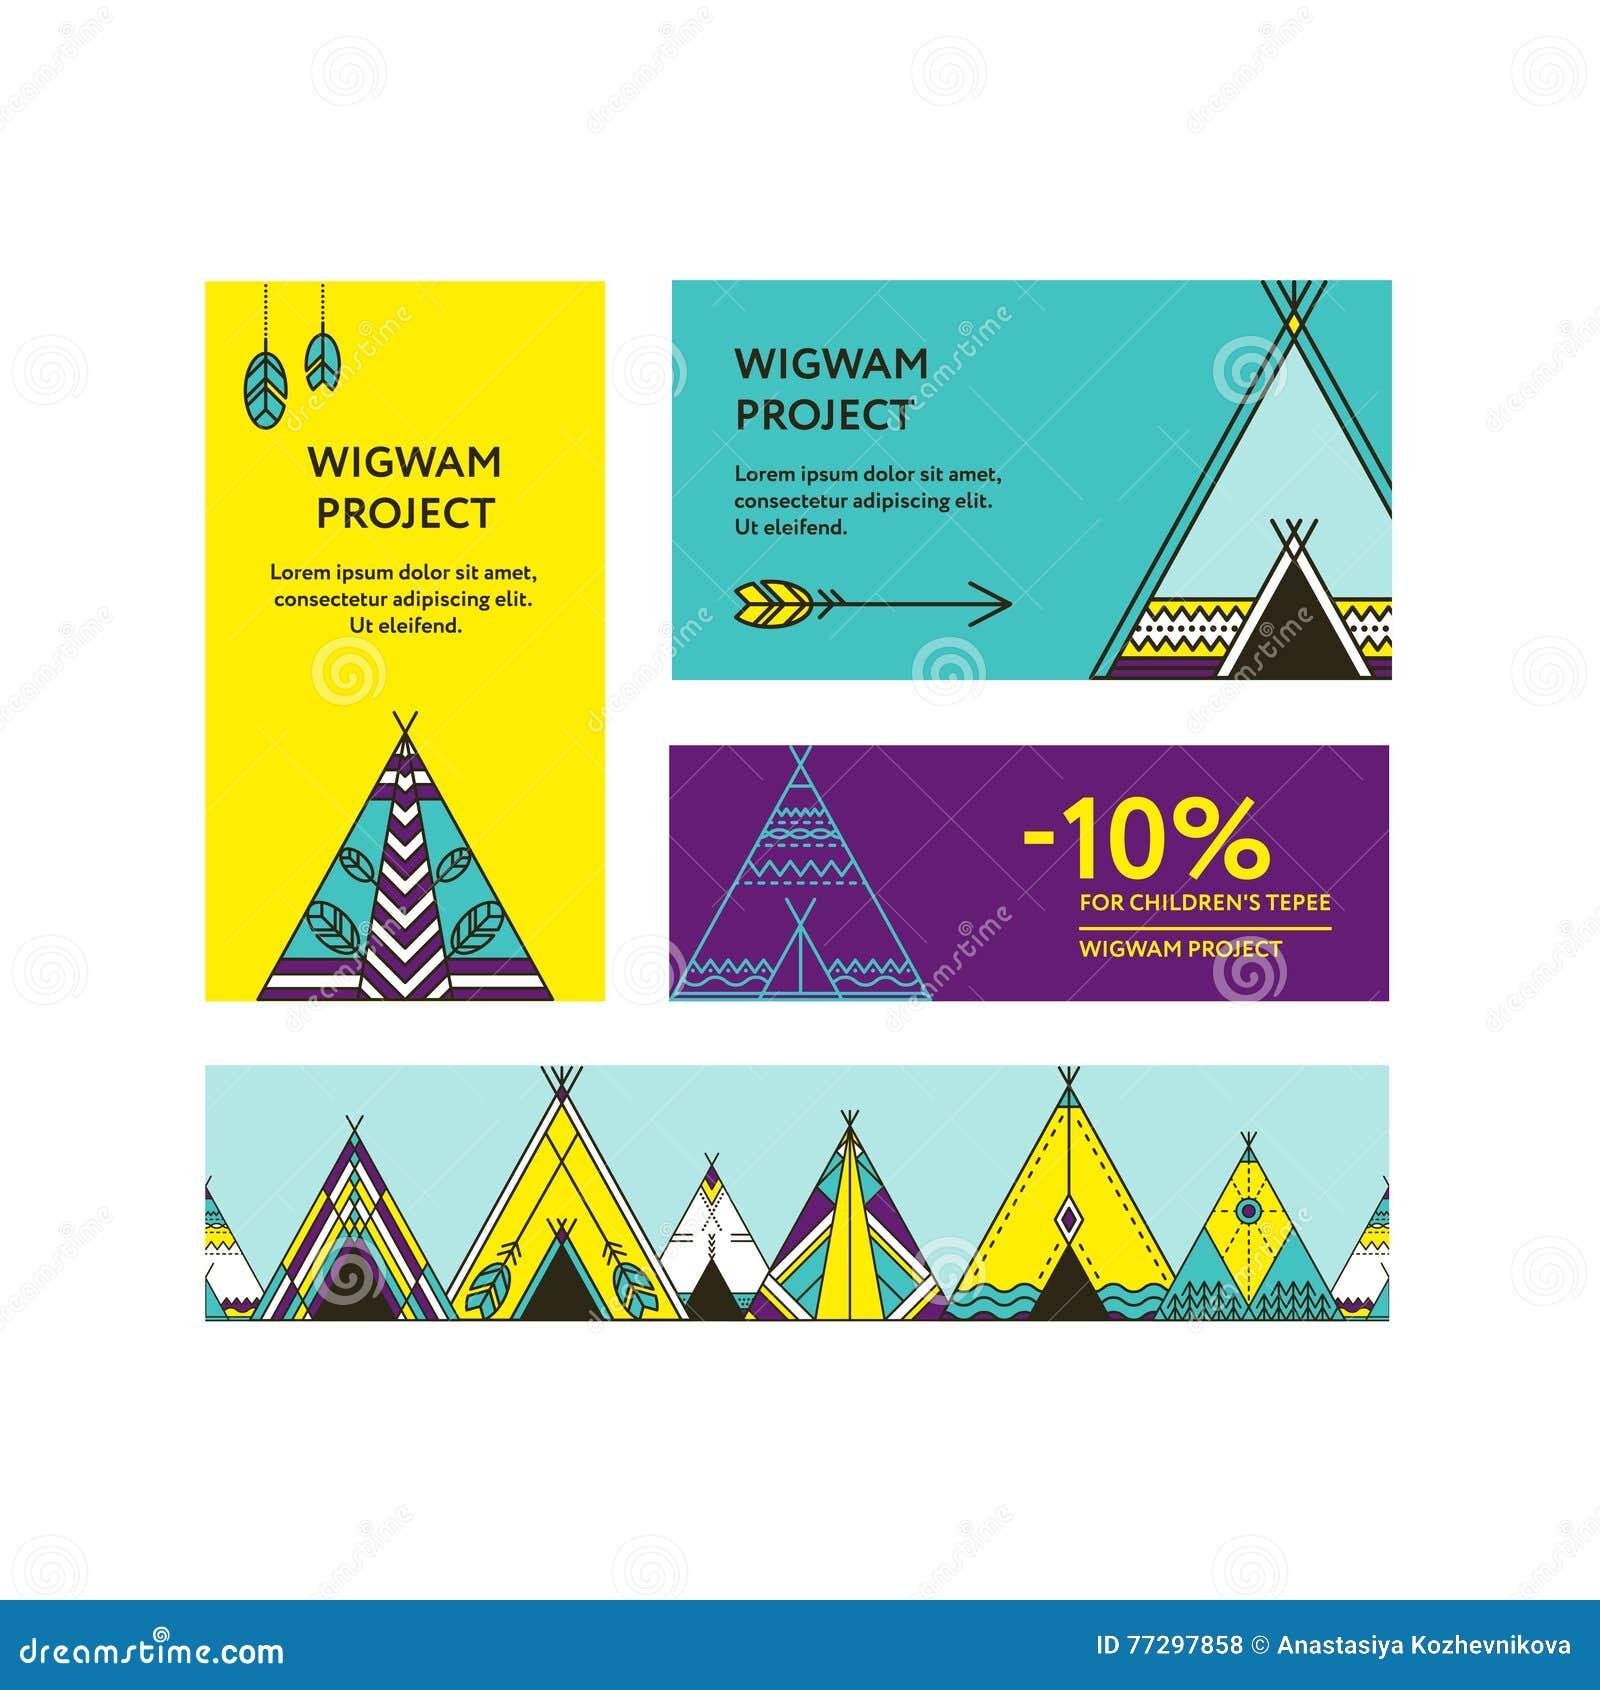 Cartes De Visite Professionnelle Et Insectes Promotionnels Avec Une Photo Des Tipis La Frontiere Sans Couture A Decore Les Elements